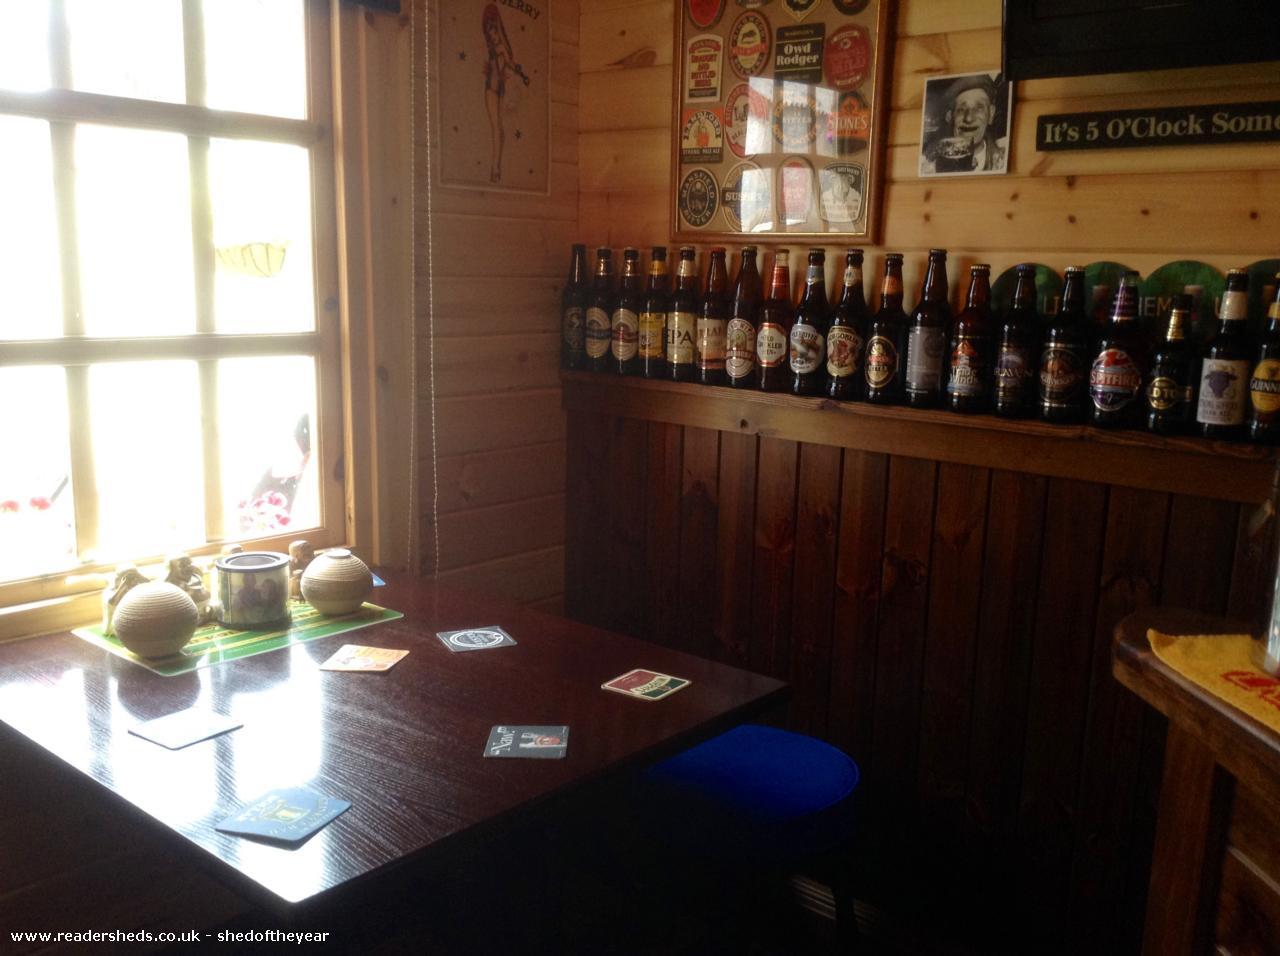 Clinkys Bar